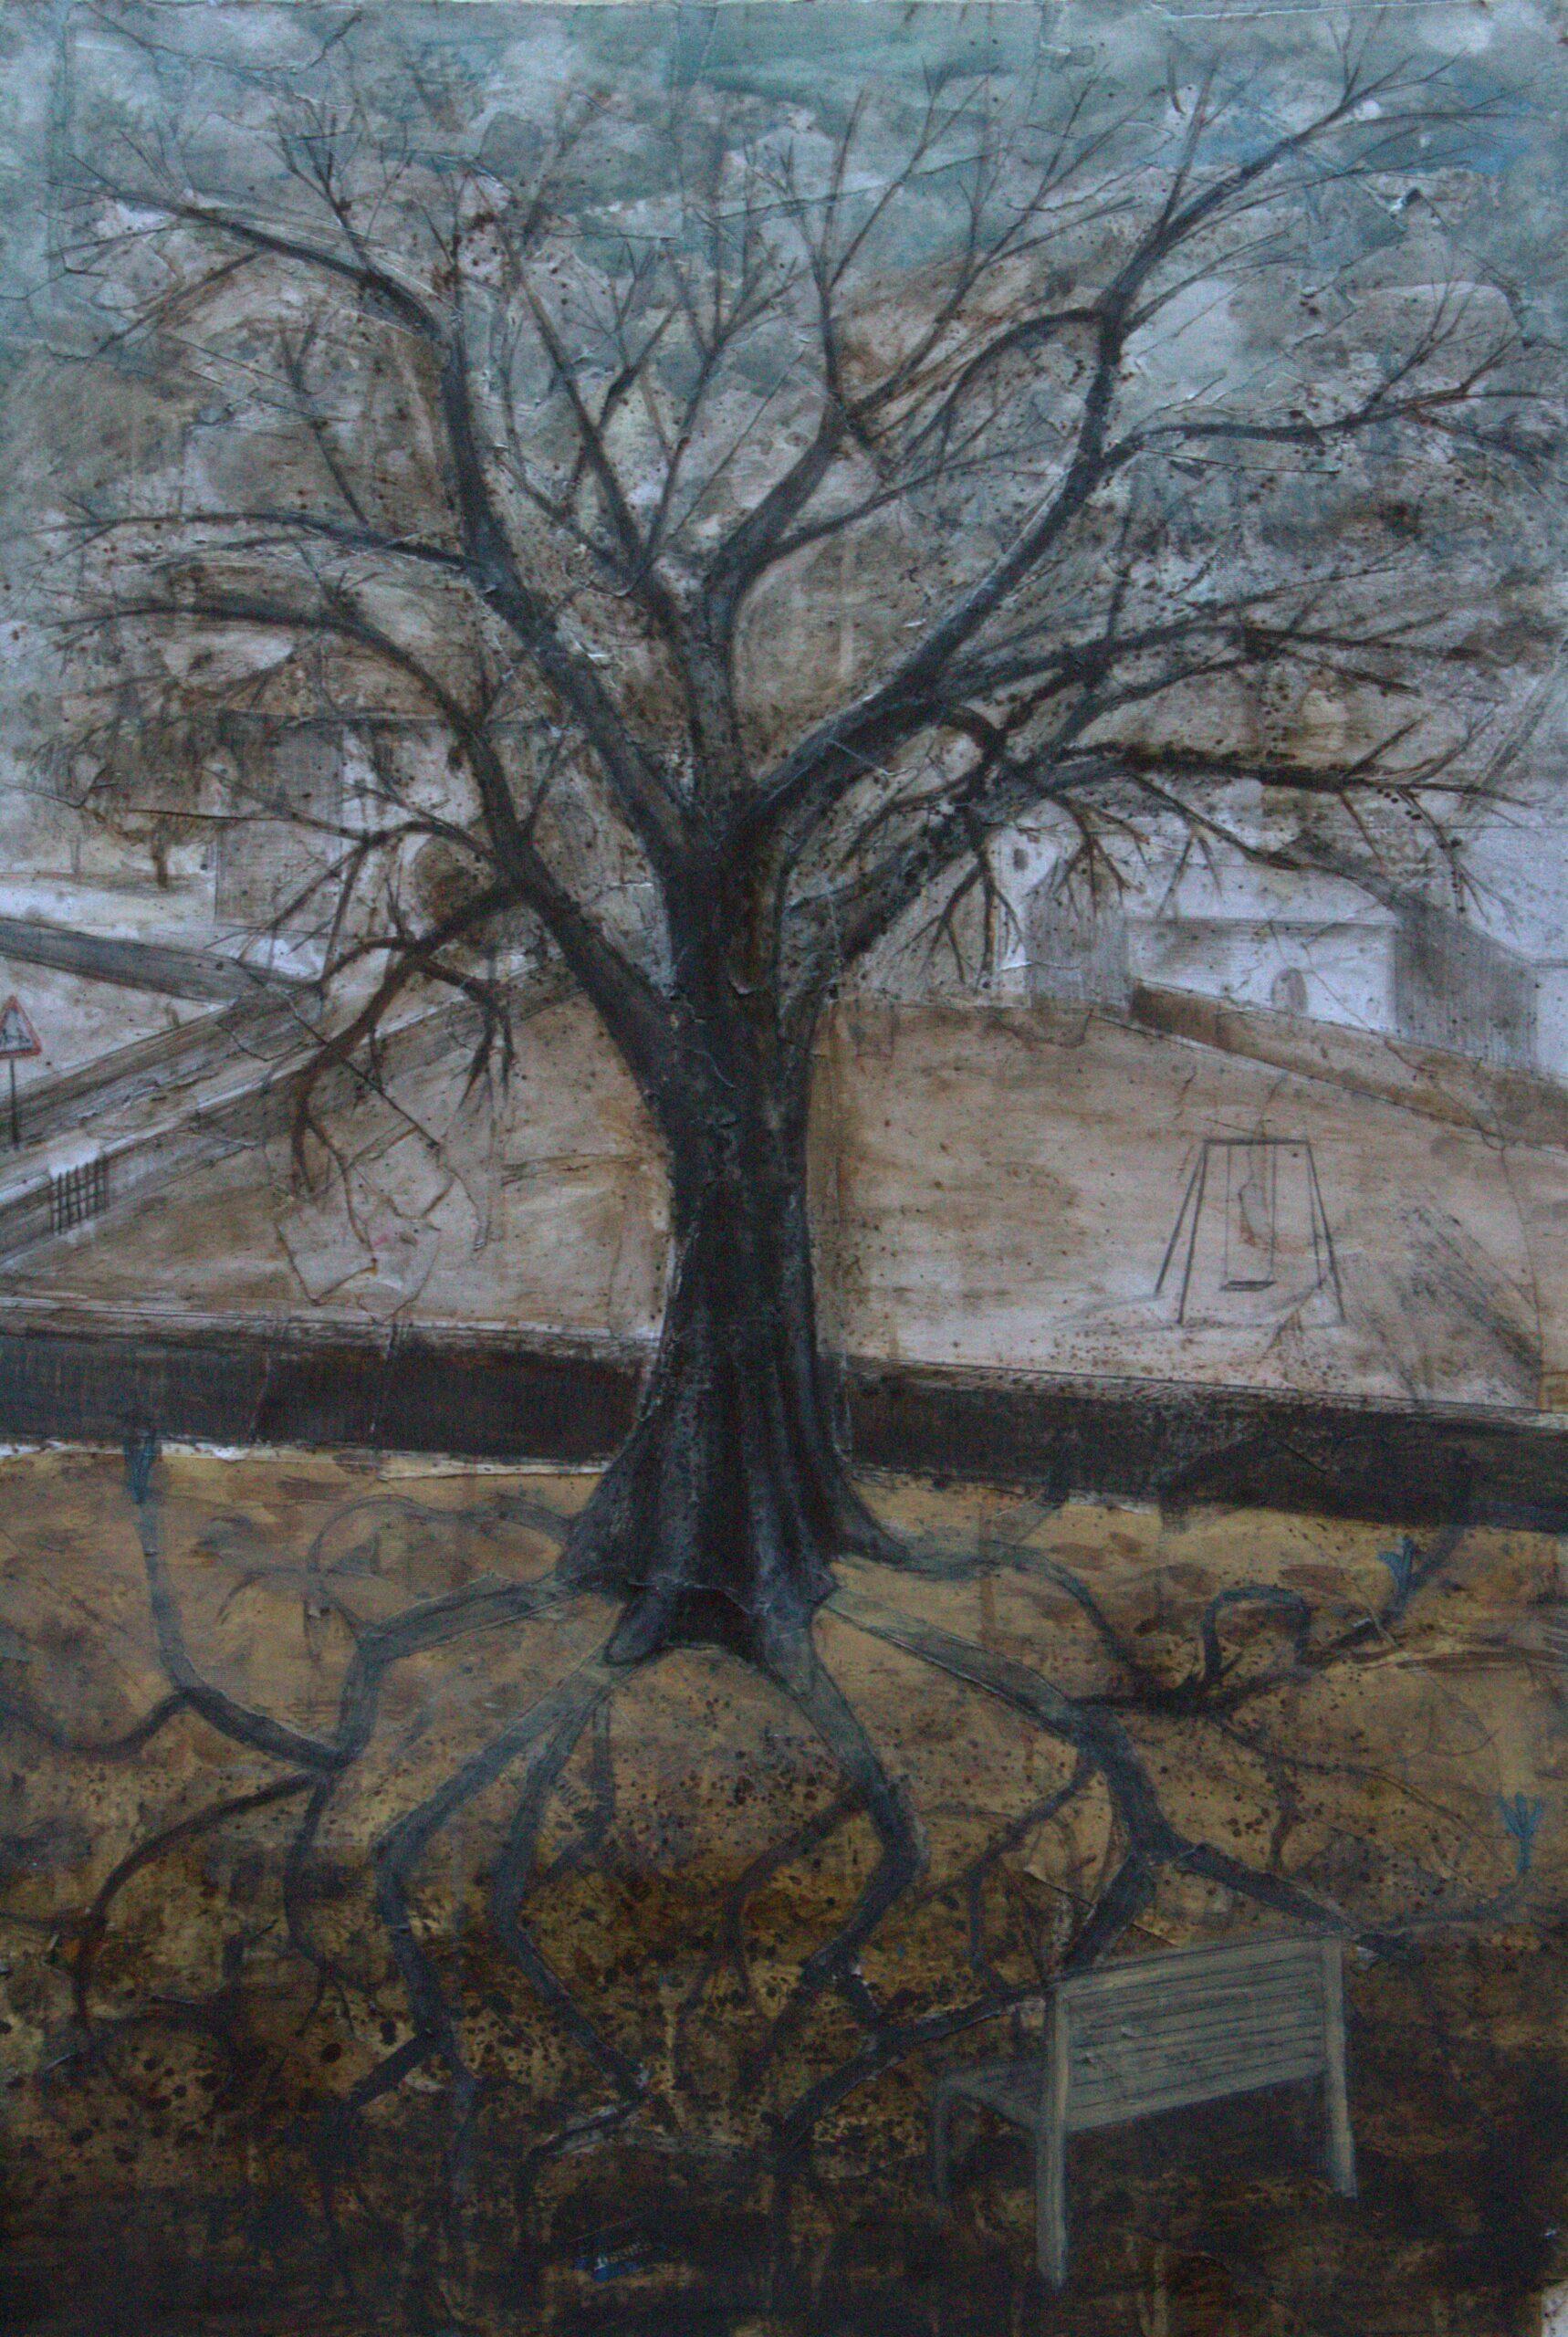 """MARIANNA ROSI: """"Il giardino di Chiara"""" TECNICA: mista su carta intelata DIMENSIONI: 100x70 cm I germogli della menzogna hanno dato vita ad un grosso albero che indisturbato cresce nel giardino di Chiara. All'interno del suo giardino l'albero custodisce l'altalena di una bambina che oscilla tra la verità e la menzogna. I rami dell'albero toccano la sua adolescenza fino ad arrivare alla consapevolezza di quello che Chiara è voluta diventare. Una panchina per contemplare il grande albero da dove crescono nuovi malefici germogli."""